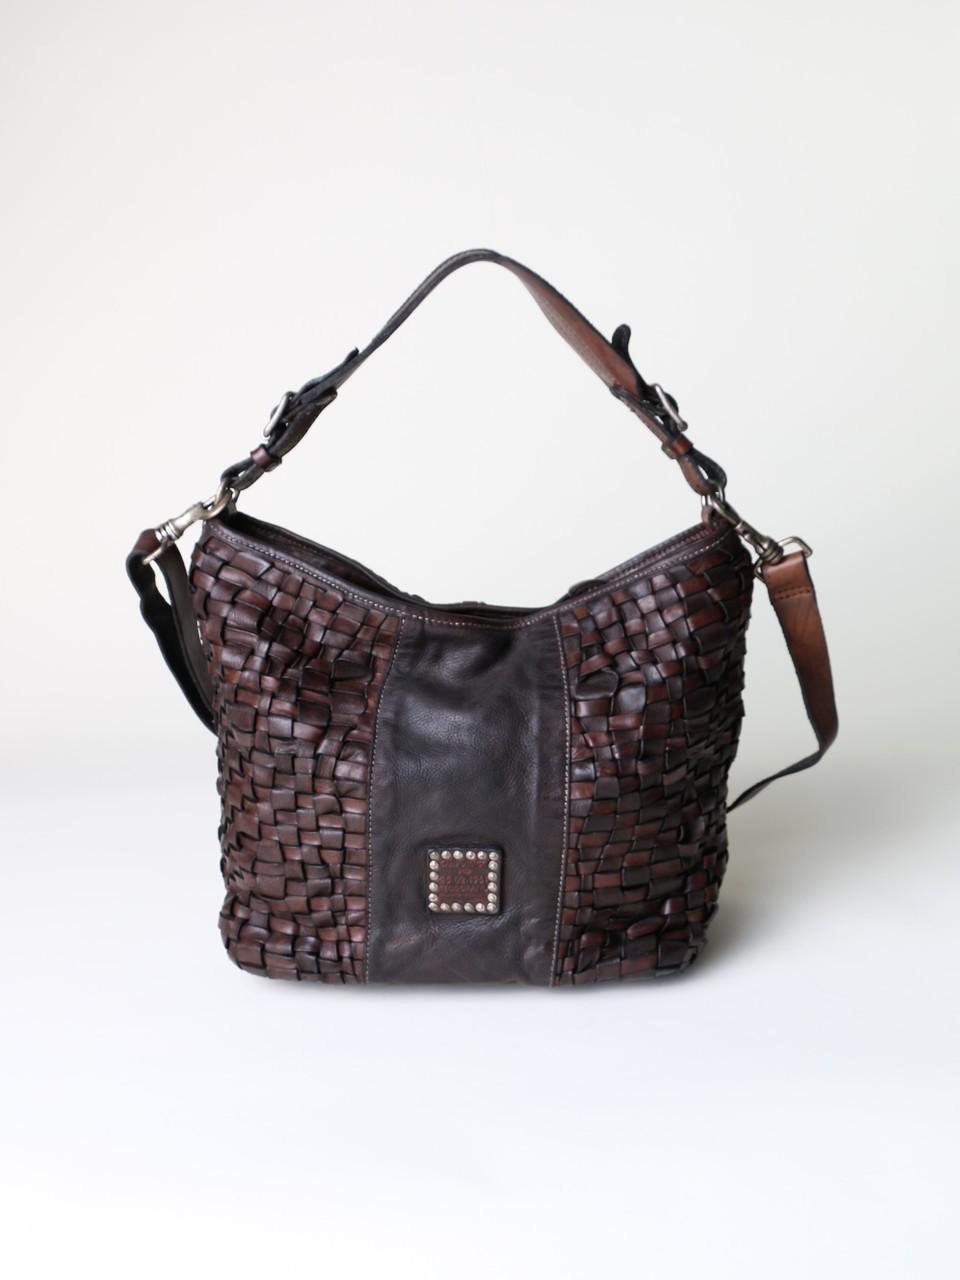 VIDA Statement Bag - LOTUS FLOWER BAG by VIDA JZSzLGsVe